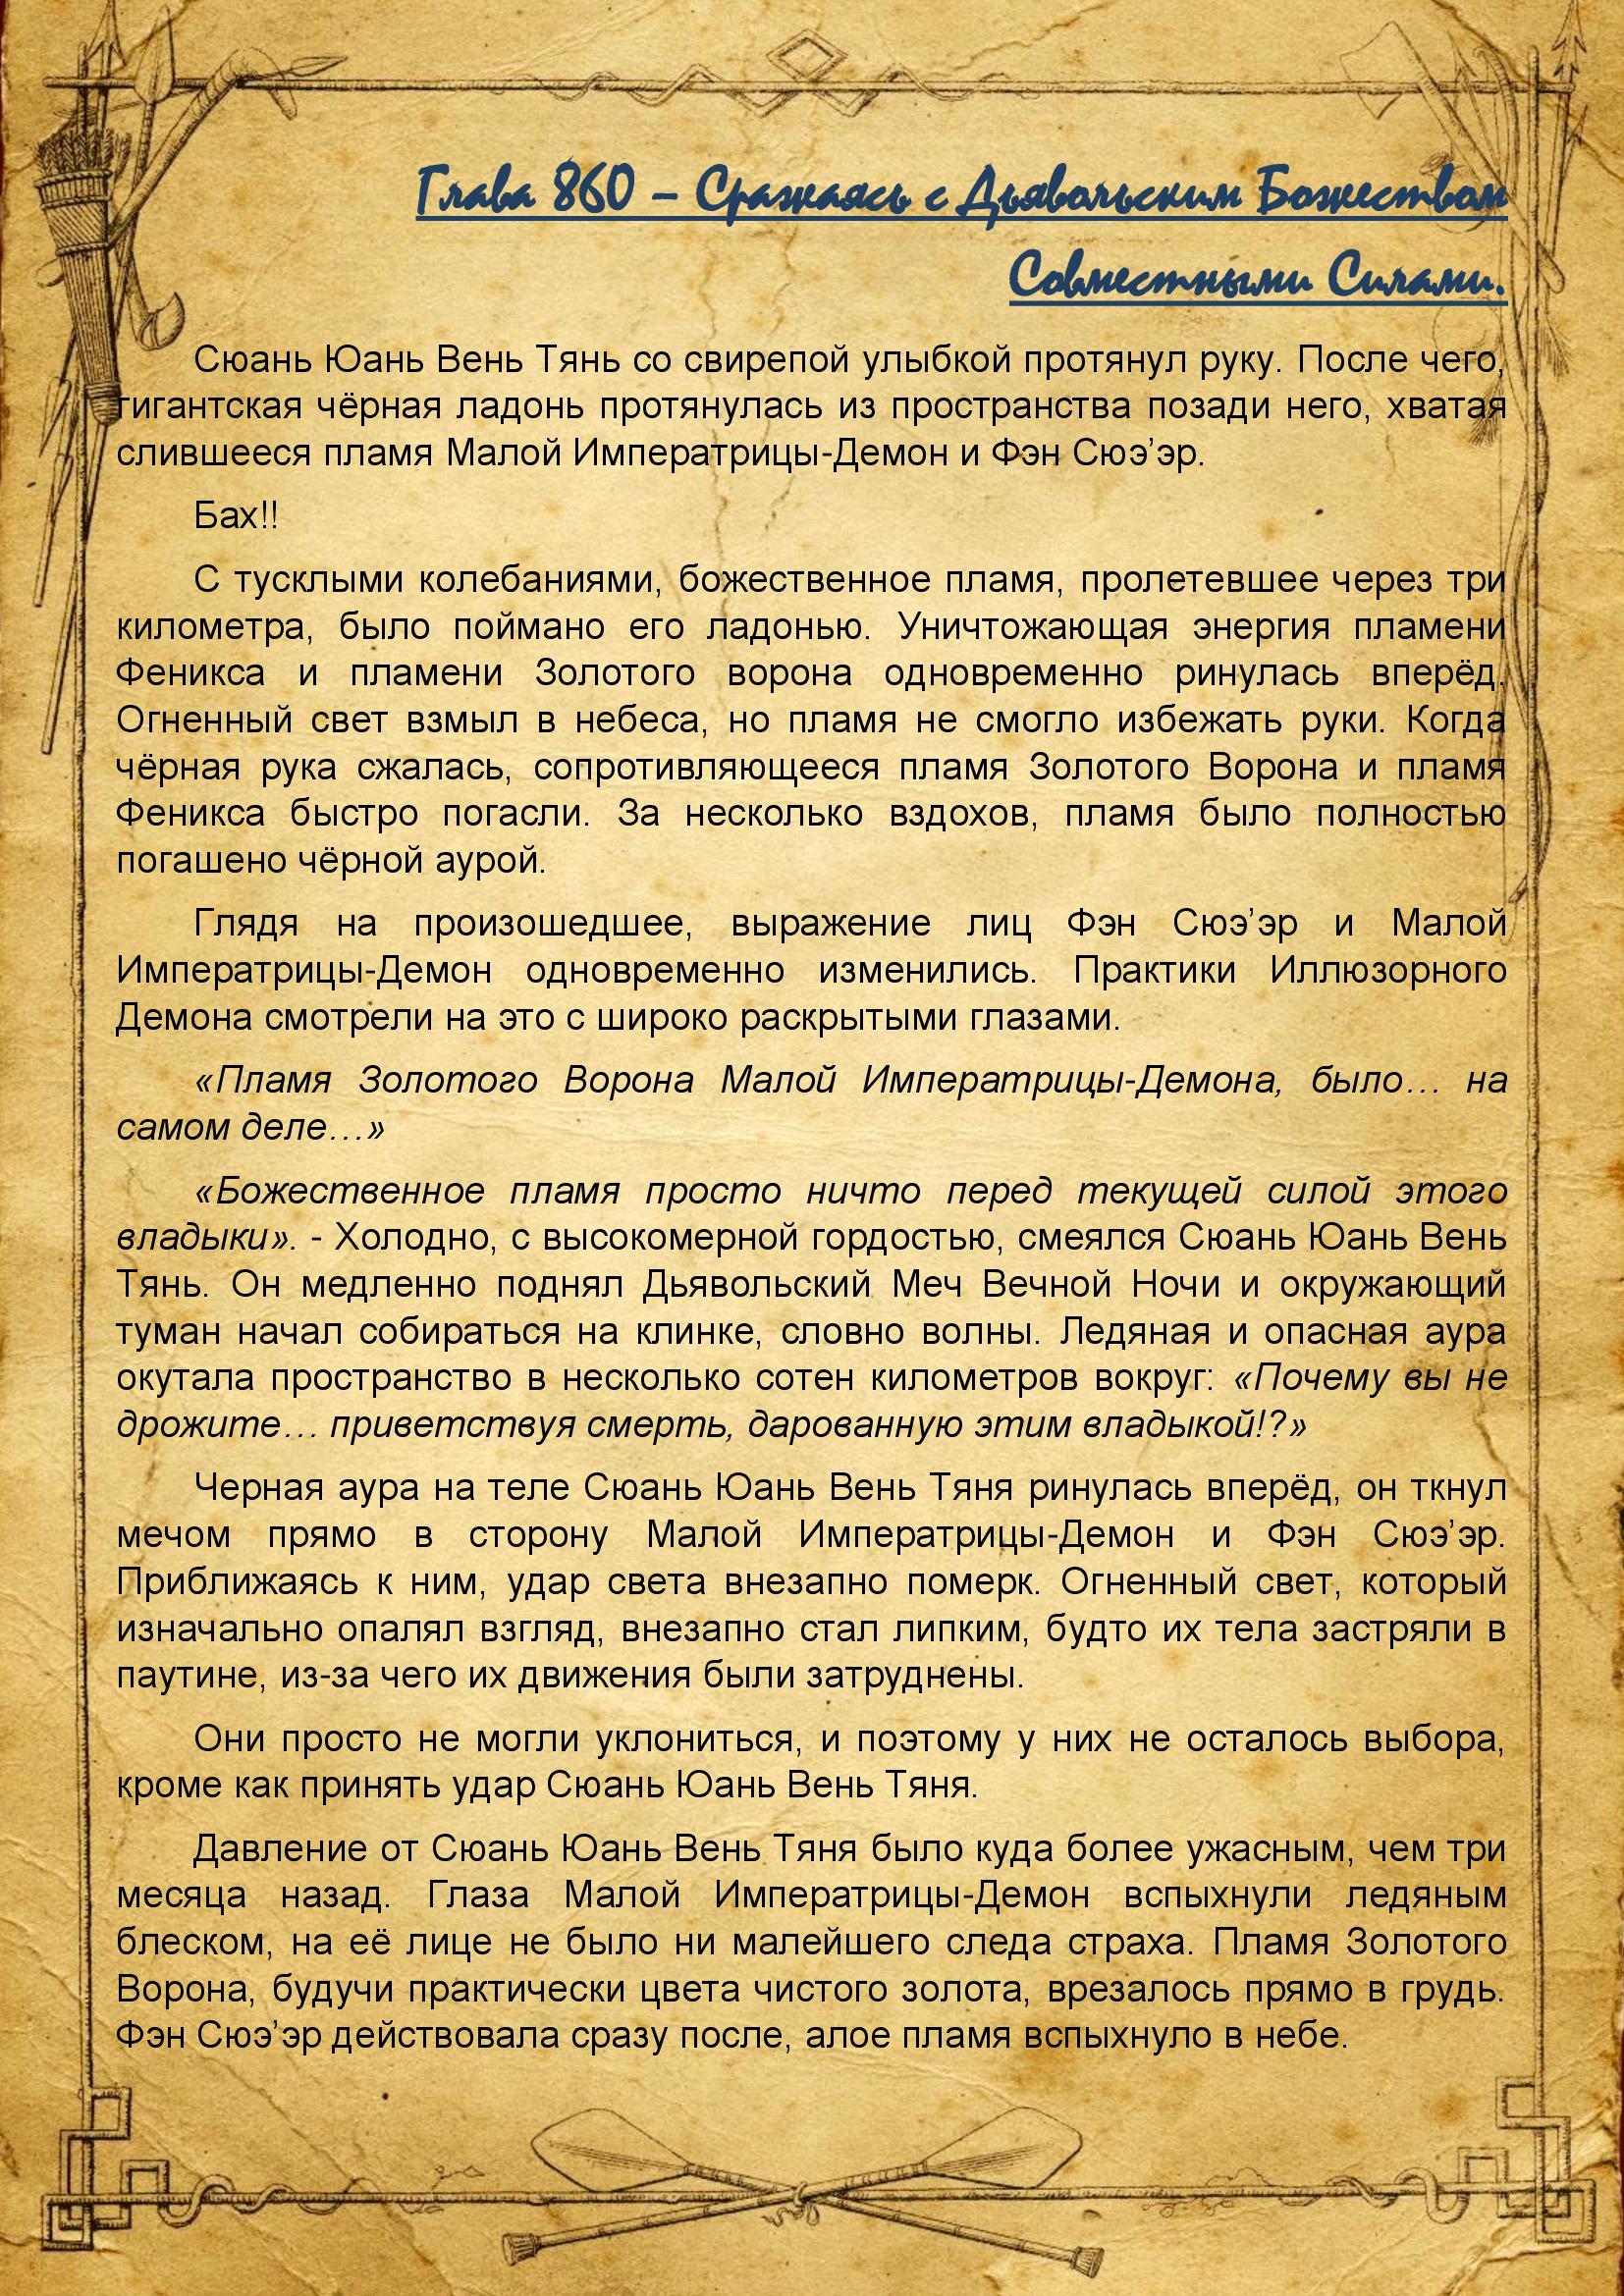 Восставший против Неба v8 - 860